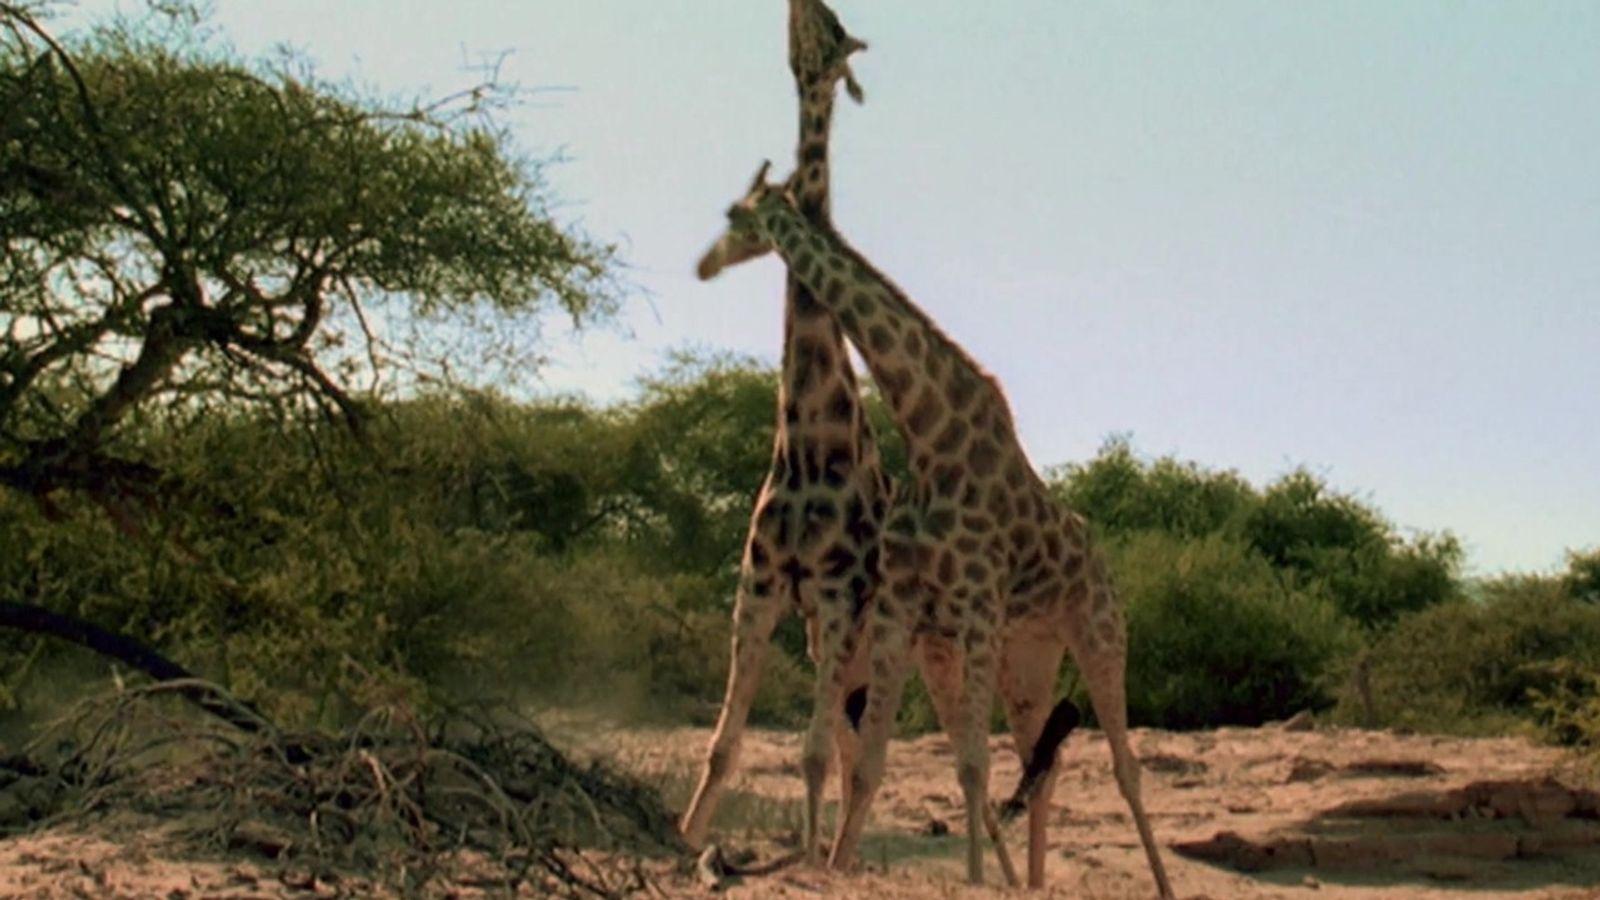 Video_Girafas_Facebook